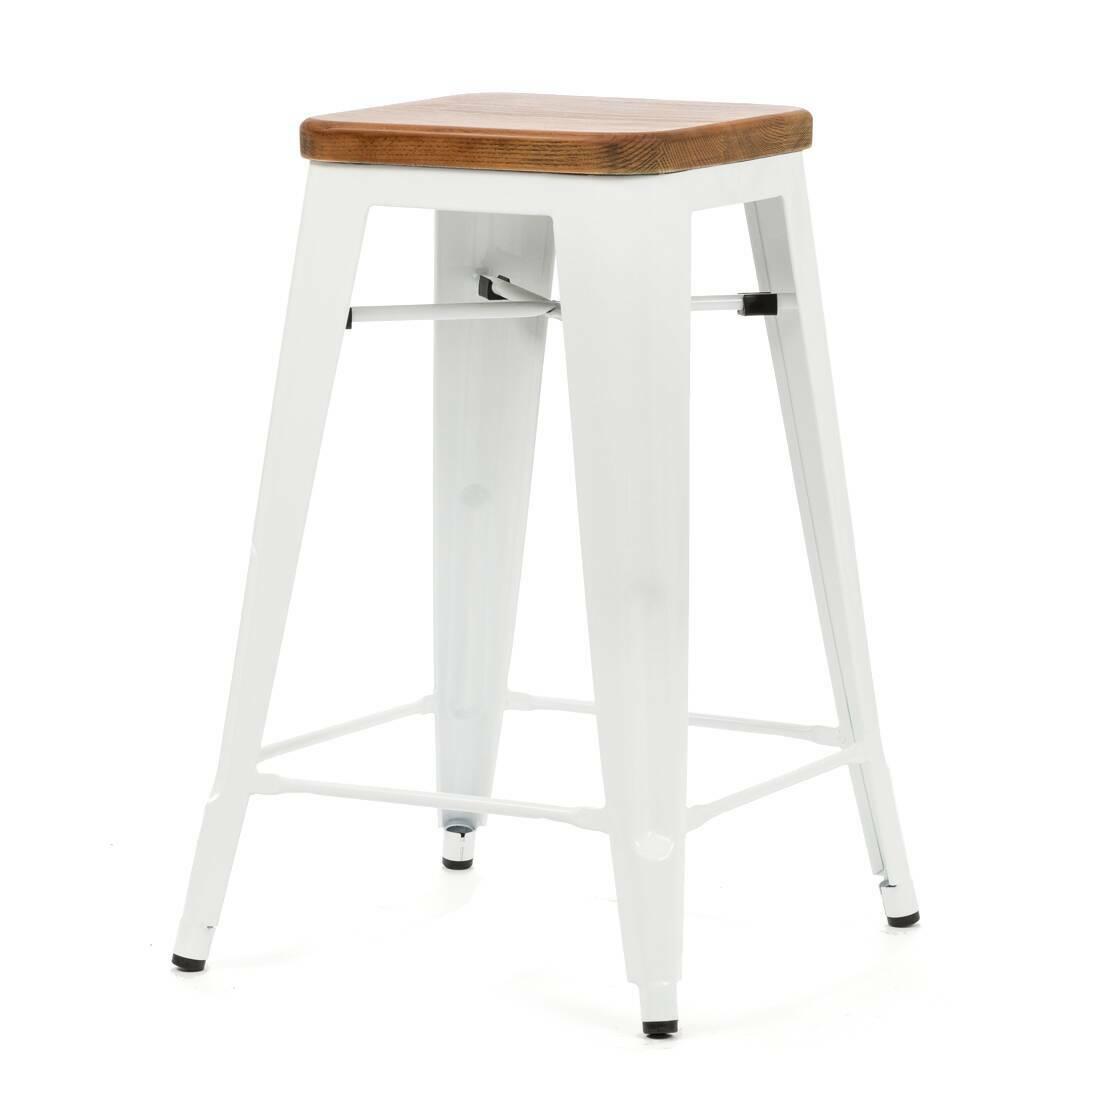 Барный стул Marais Color 1Полубарные<br>Хорошая мебель — это мебель стильная, удобная и надежная, простая в уходе. Так размышлял Ксавье Пошар, французский дизайнер ХХ века, и разработал целую серию предметов мебели, отвечающую этим запросам. Представляем вам барный стул Marais Color 1 с сиденьем из натурального дерева.<br><br><br> Тонкая гальванизированная сталь с порошковым напылением отлично воспринимает лакокрасочное покрытие, позволяя разнообразить палитру цветов, к тому же она очень долговечна. Продуманный дизайн предмета обесп...<br><br>stock: 11<br>Высота: 65<br>Ширина: 44<br>Ширина сиденья: 30<br>Глубина: 44<br>Глубина сиденья: 30<br>Тип материала каркаса: Сталь<br>Материал сидения: Массив ореха<br>Цвет сидения: Орех<br>Тип материала сидения: Дерево<br>Цвет каркаса: Белый